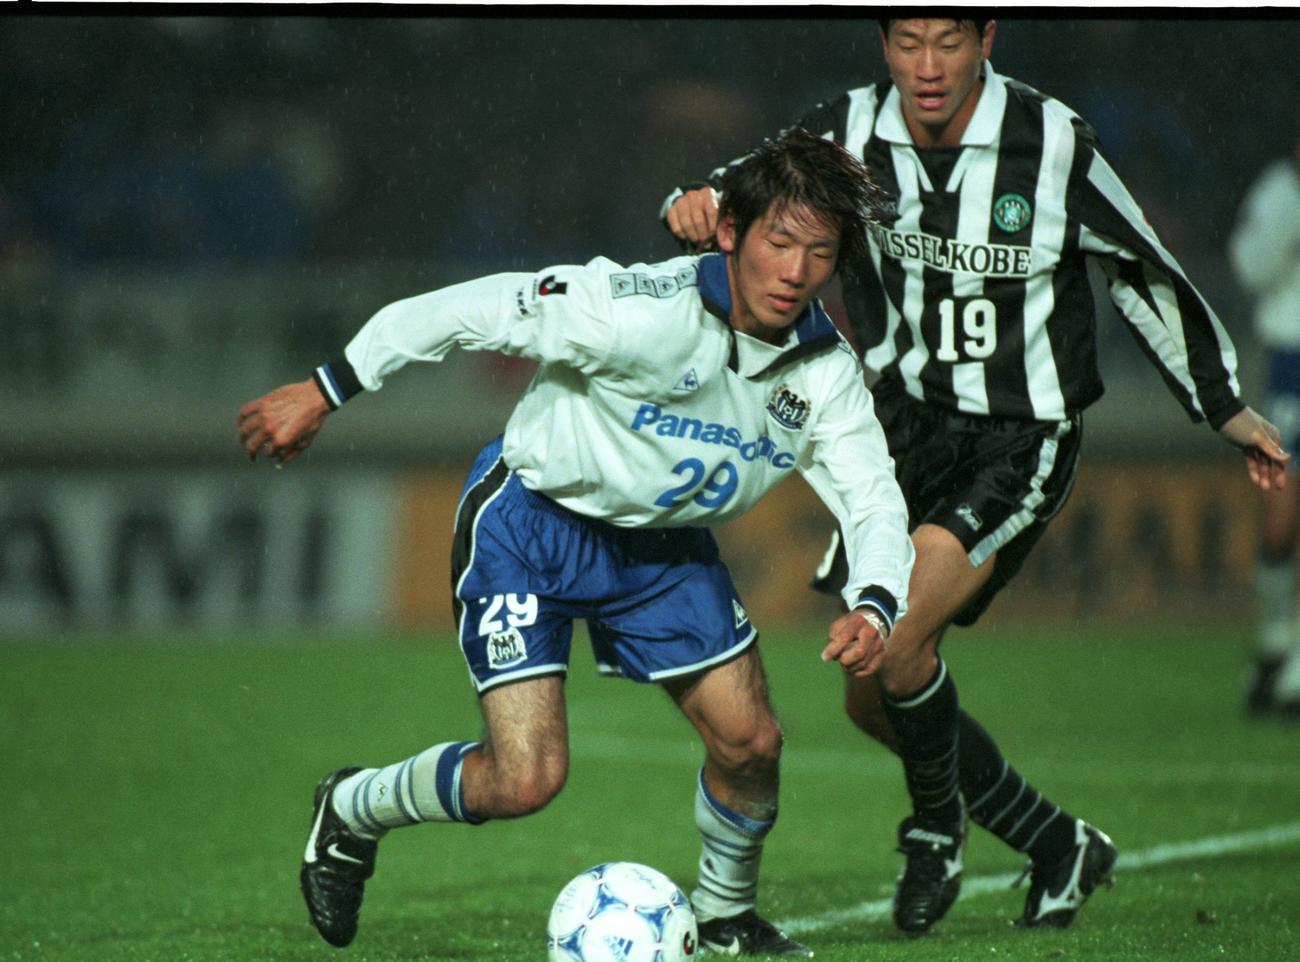 99年、ボールをキープするG大阪・大黒将志(1999年11月23日撮影)